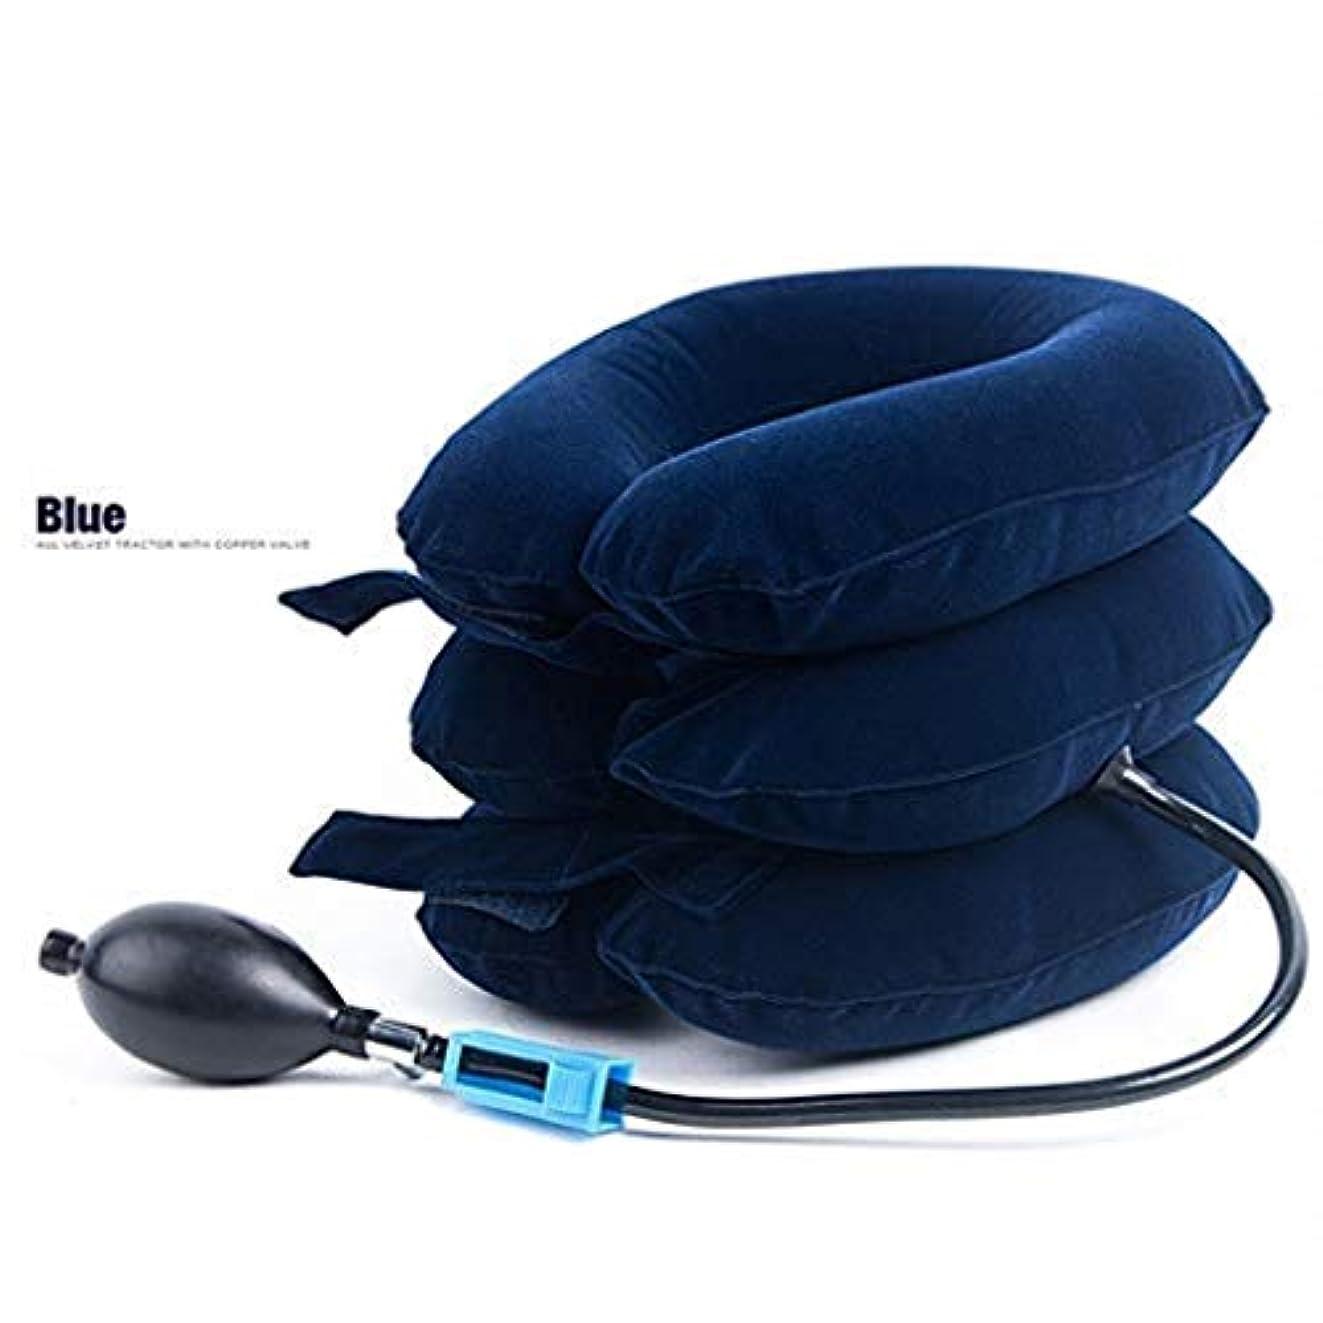 彫刻家ボア白い首のマッサージャー、膨脹可能なマッサージの首の枕、頚部頚部牽引用具、旅行枕背部肩の首のマッサージャーの健康用具 (Color : Biue)